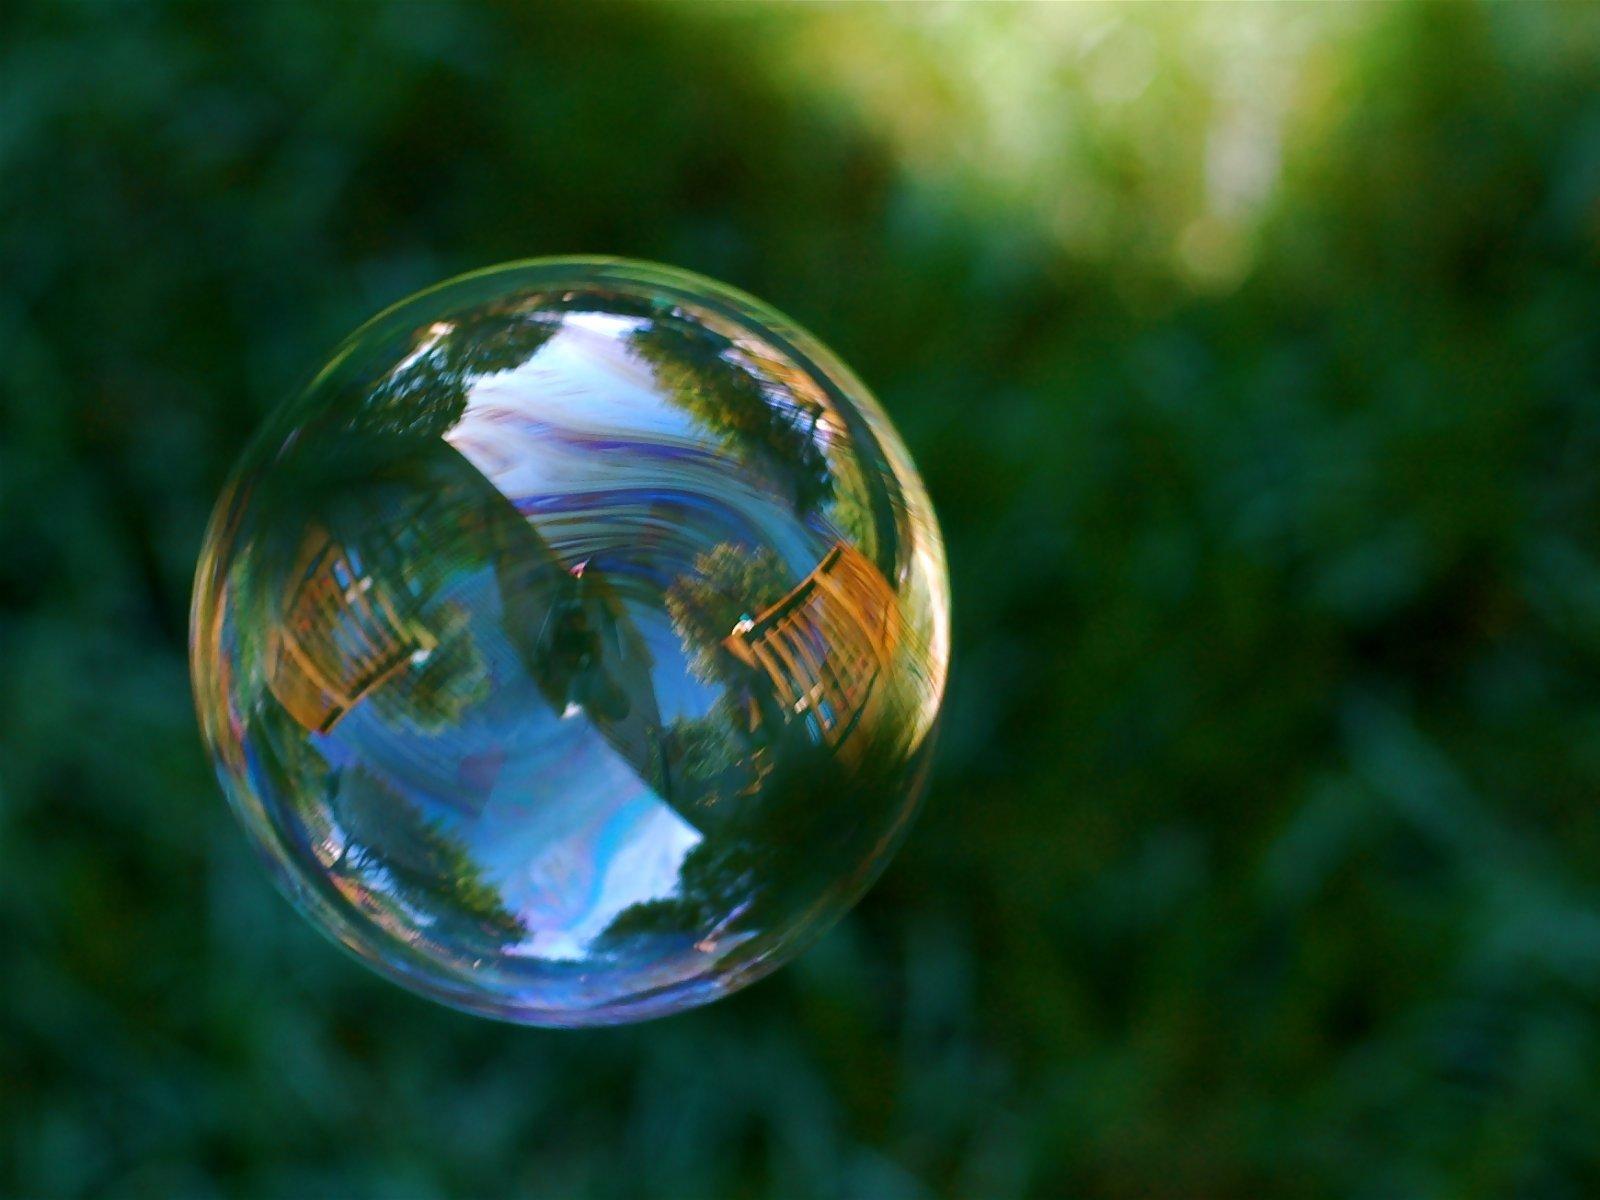 Preguntas Y Respuestas Curiosas Por Qué Las Burbujas Son Redondas